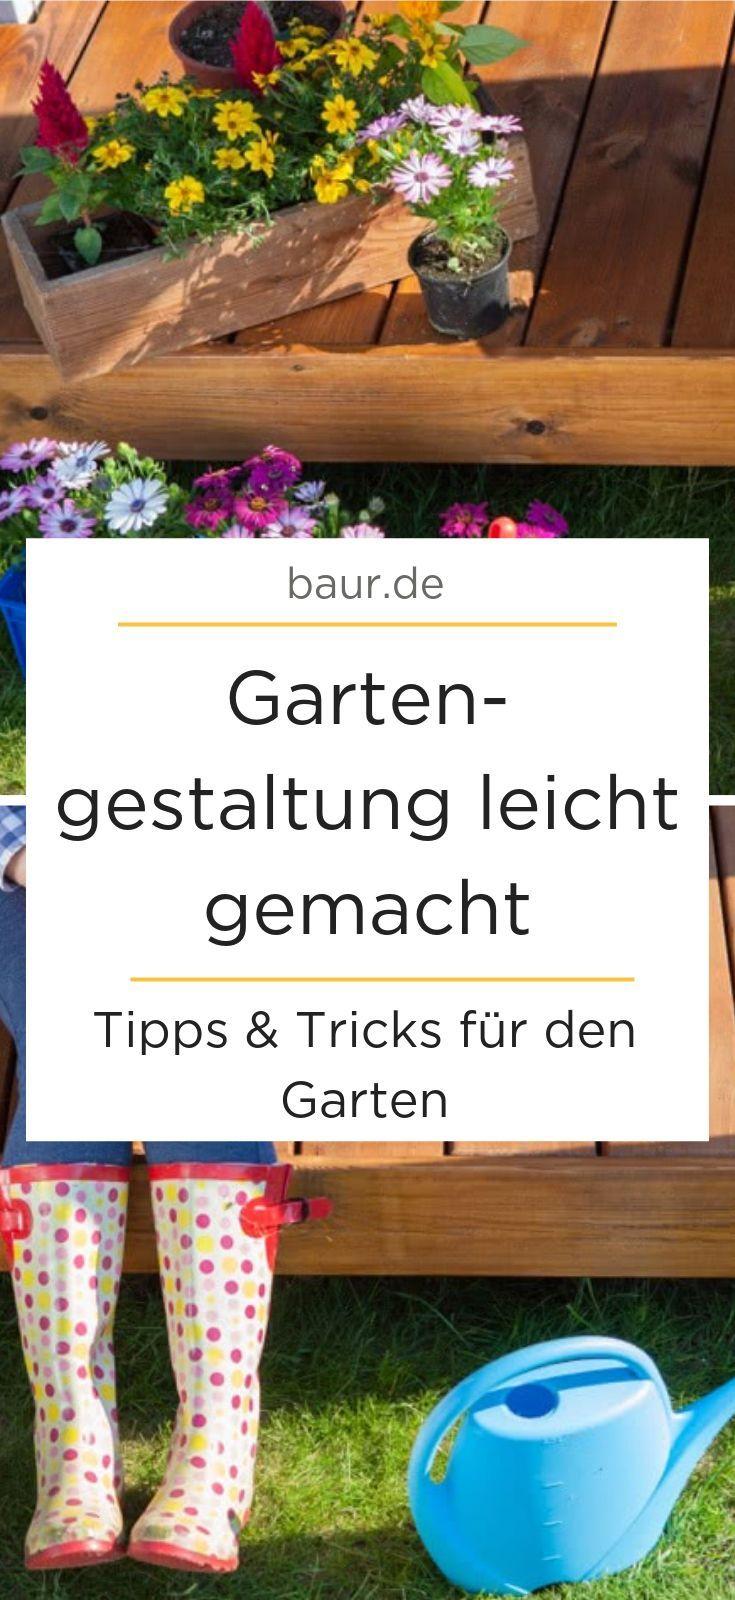 Kleingarten Gestalten Ideen Best Of Gartengestaltung Leicht Gemacht Tipps Und Tricks Für Den